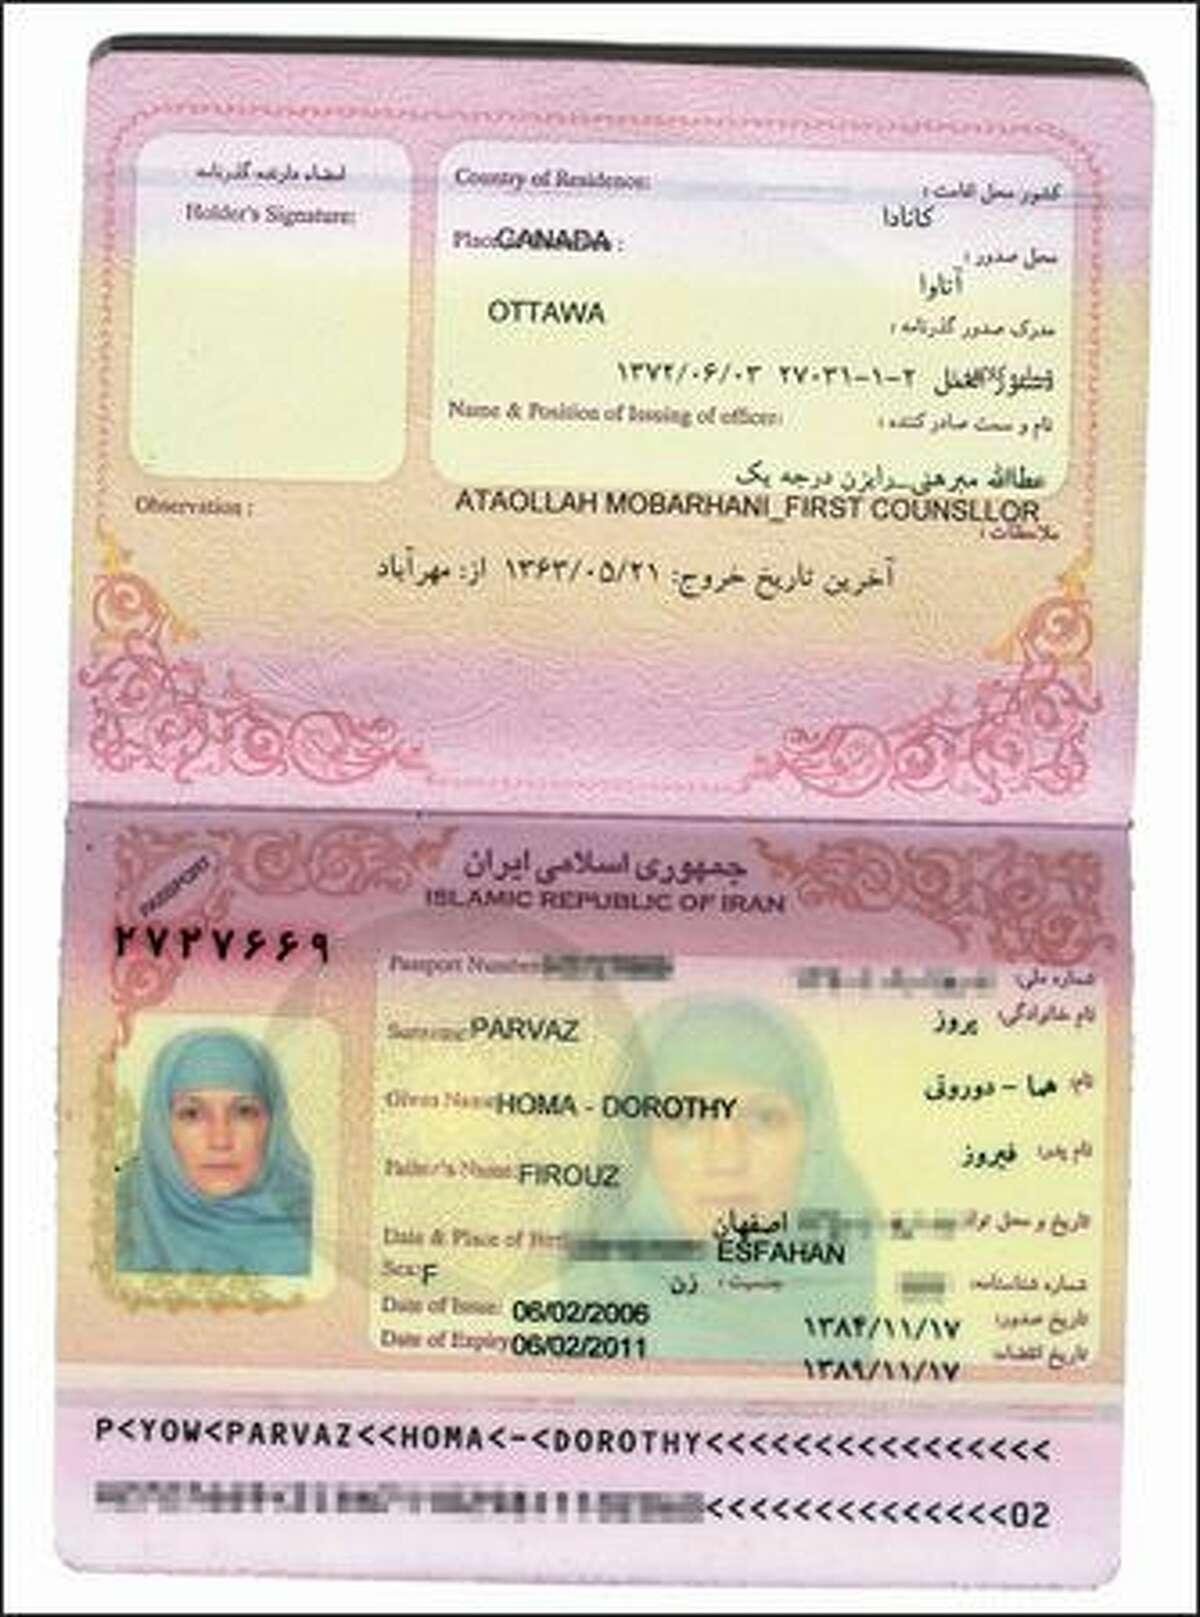 D. Parvaz's Iranian passport.